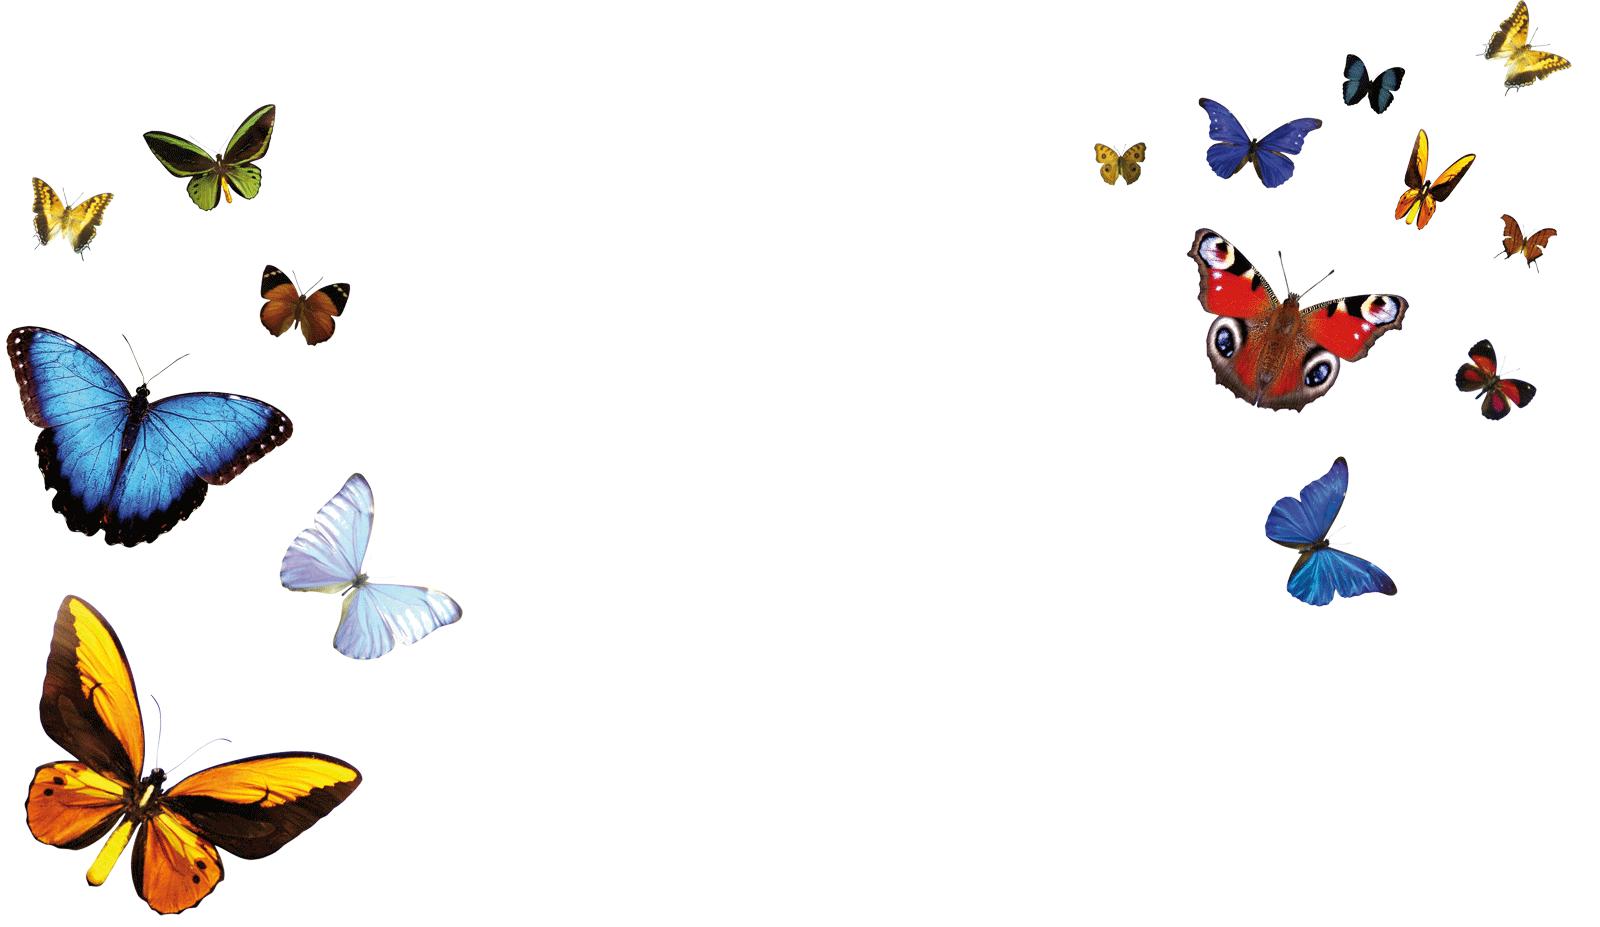 Farfalle sfondo gea beauty group for Immagini farfalle per desktop